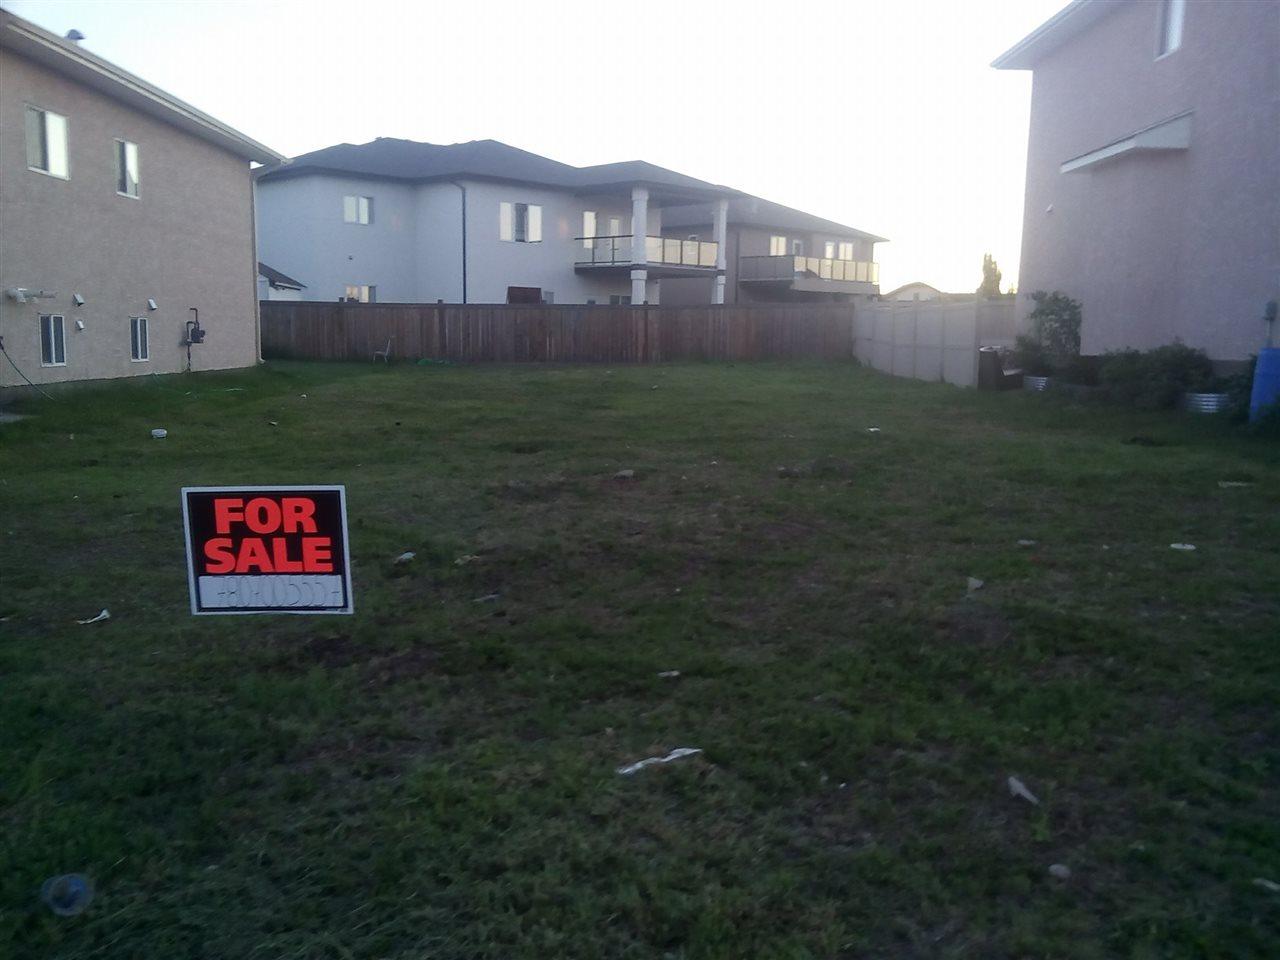 3420 19 Street, at $305,000